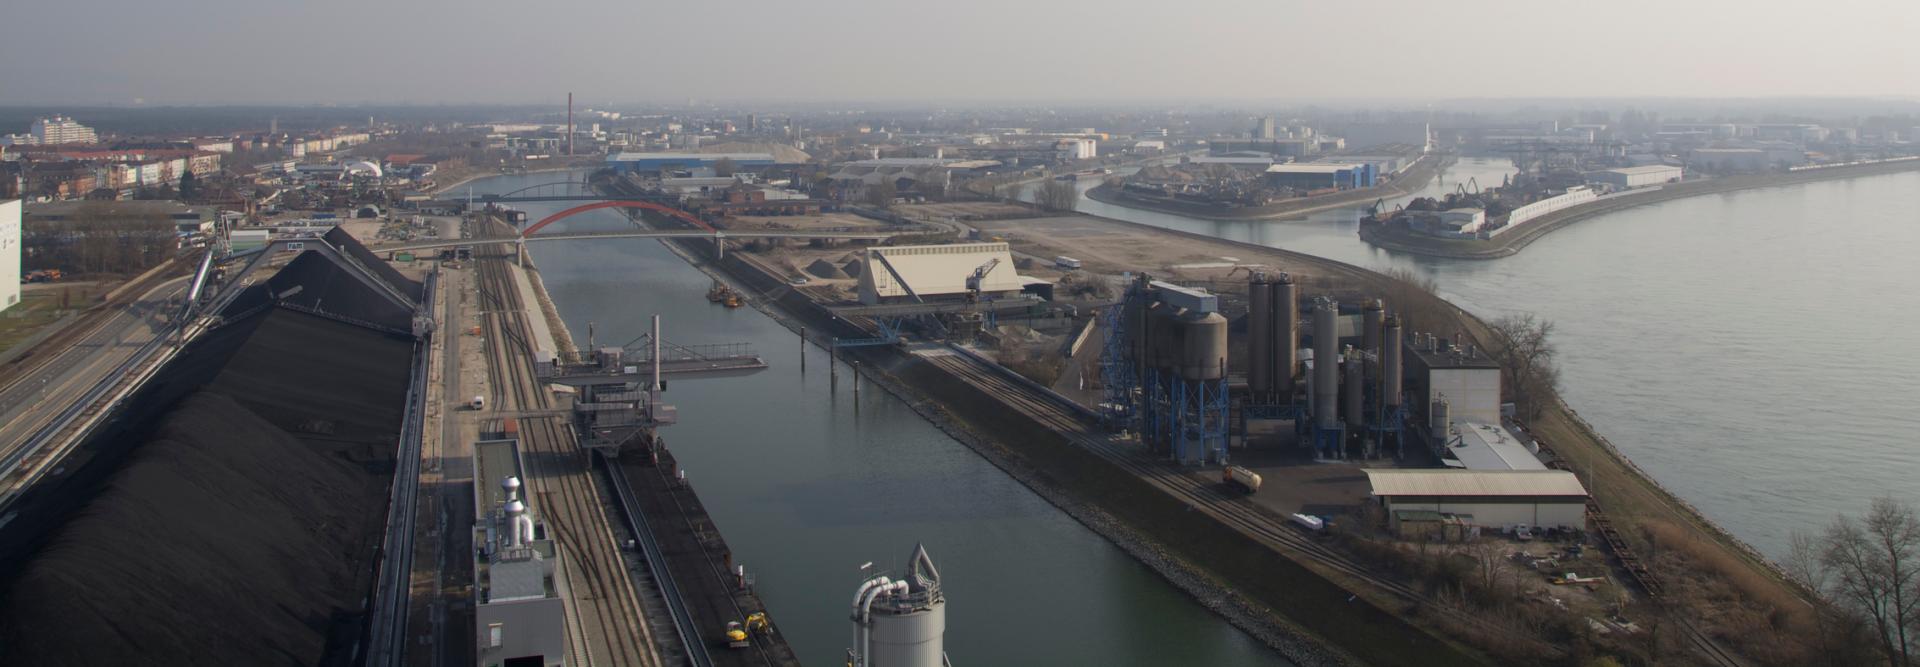 Das Rheinauer Hafengelände mit Becken 21 (Mitte), Becken 22 und 23, ganz rechts der Rhein